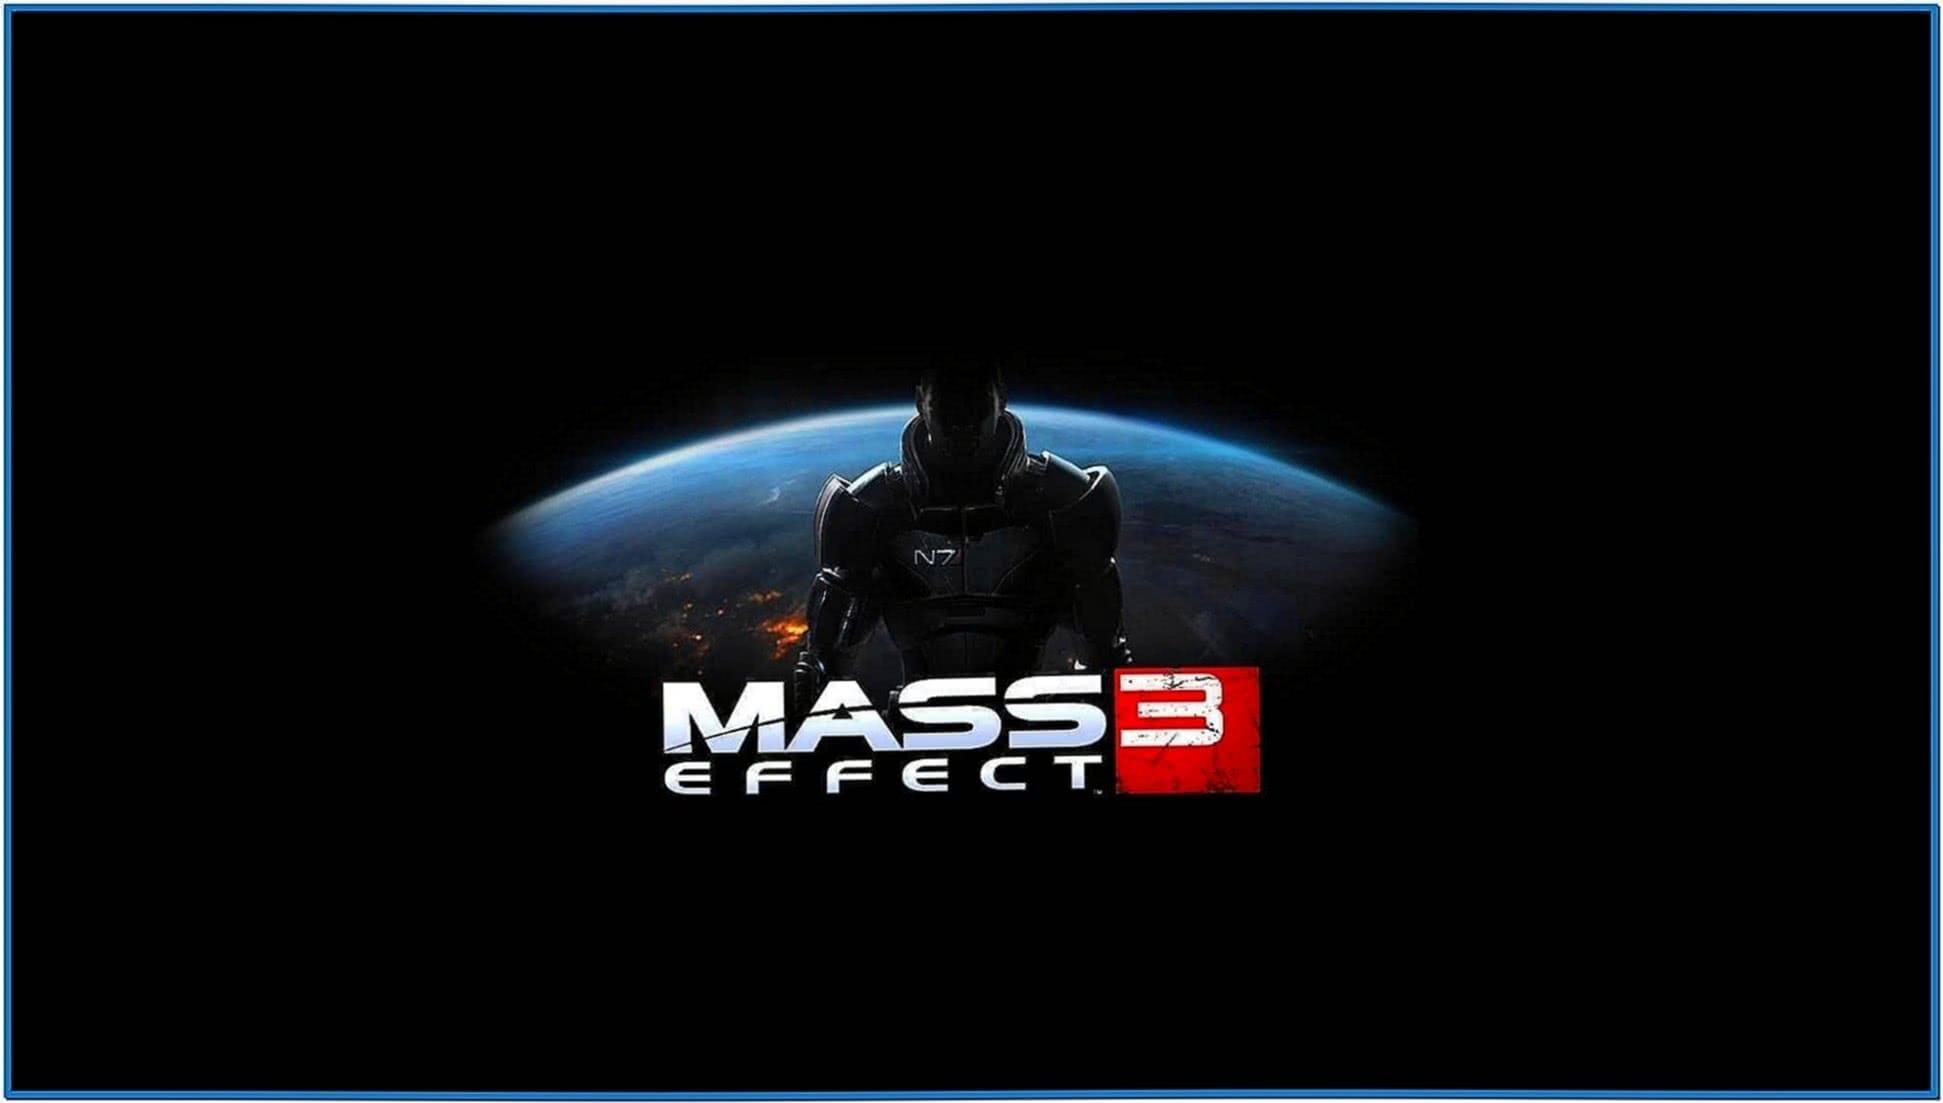 Windows 7 Mass Effect Screensaver